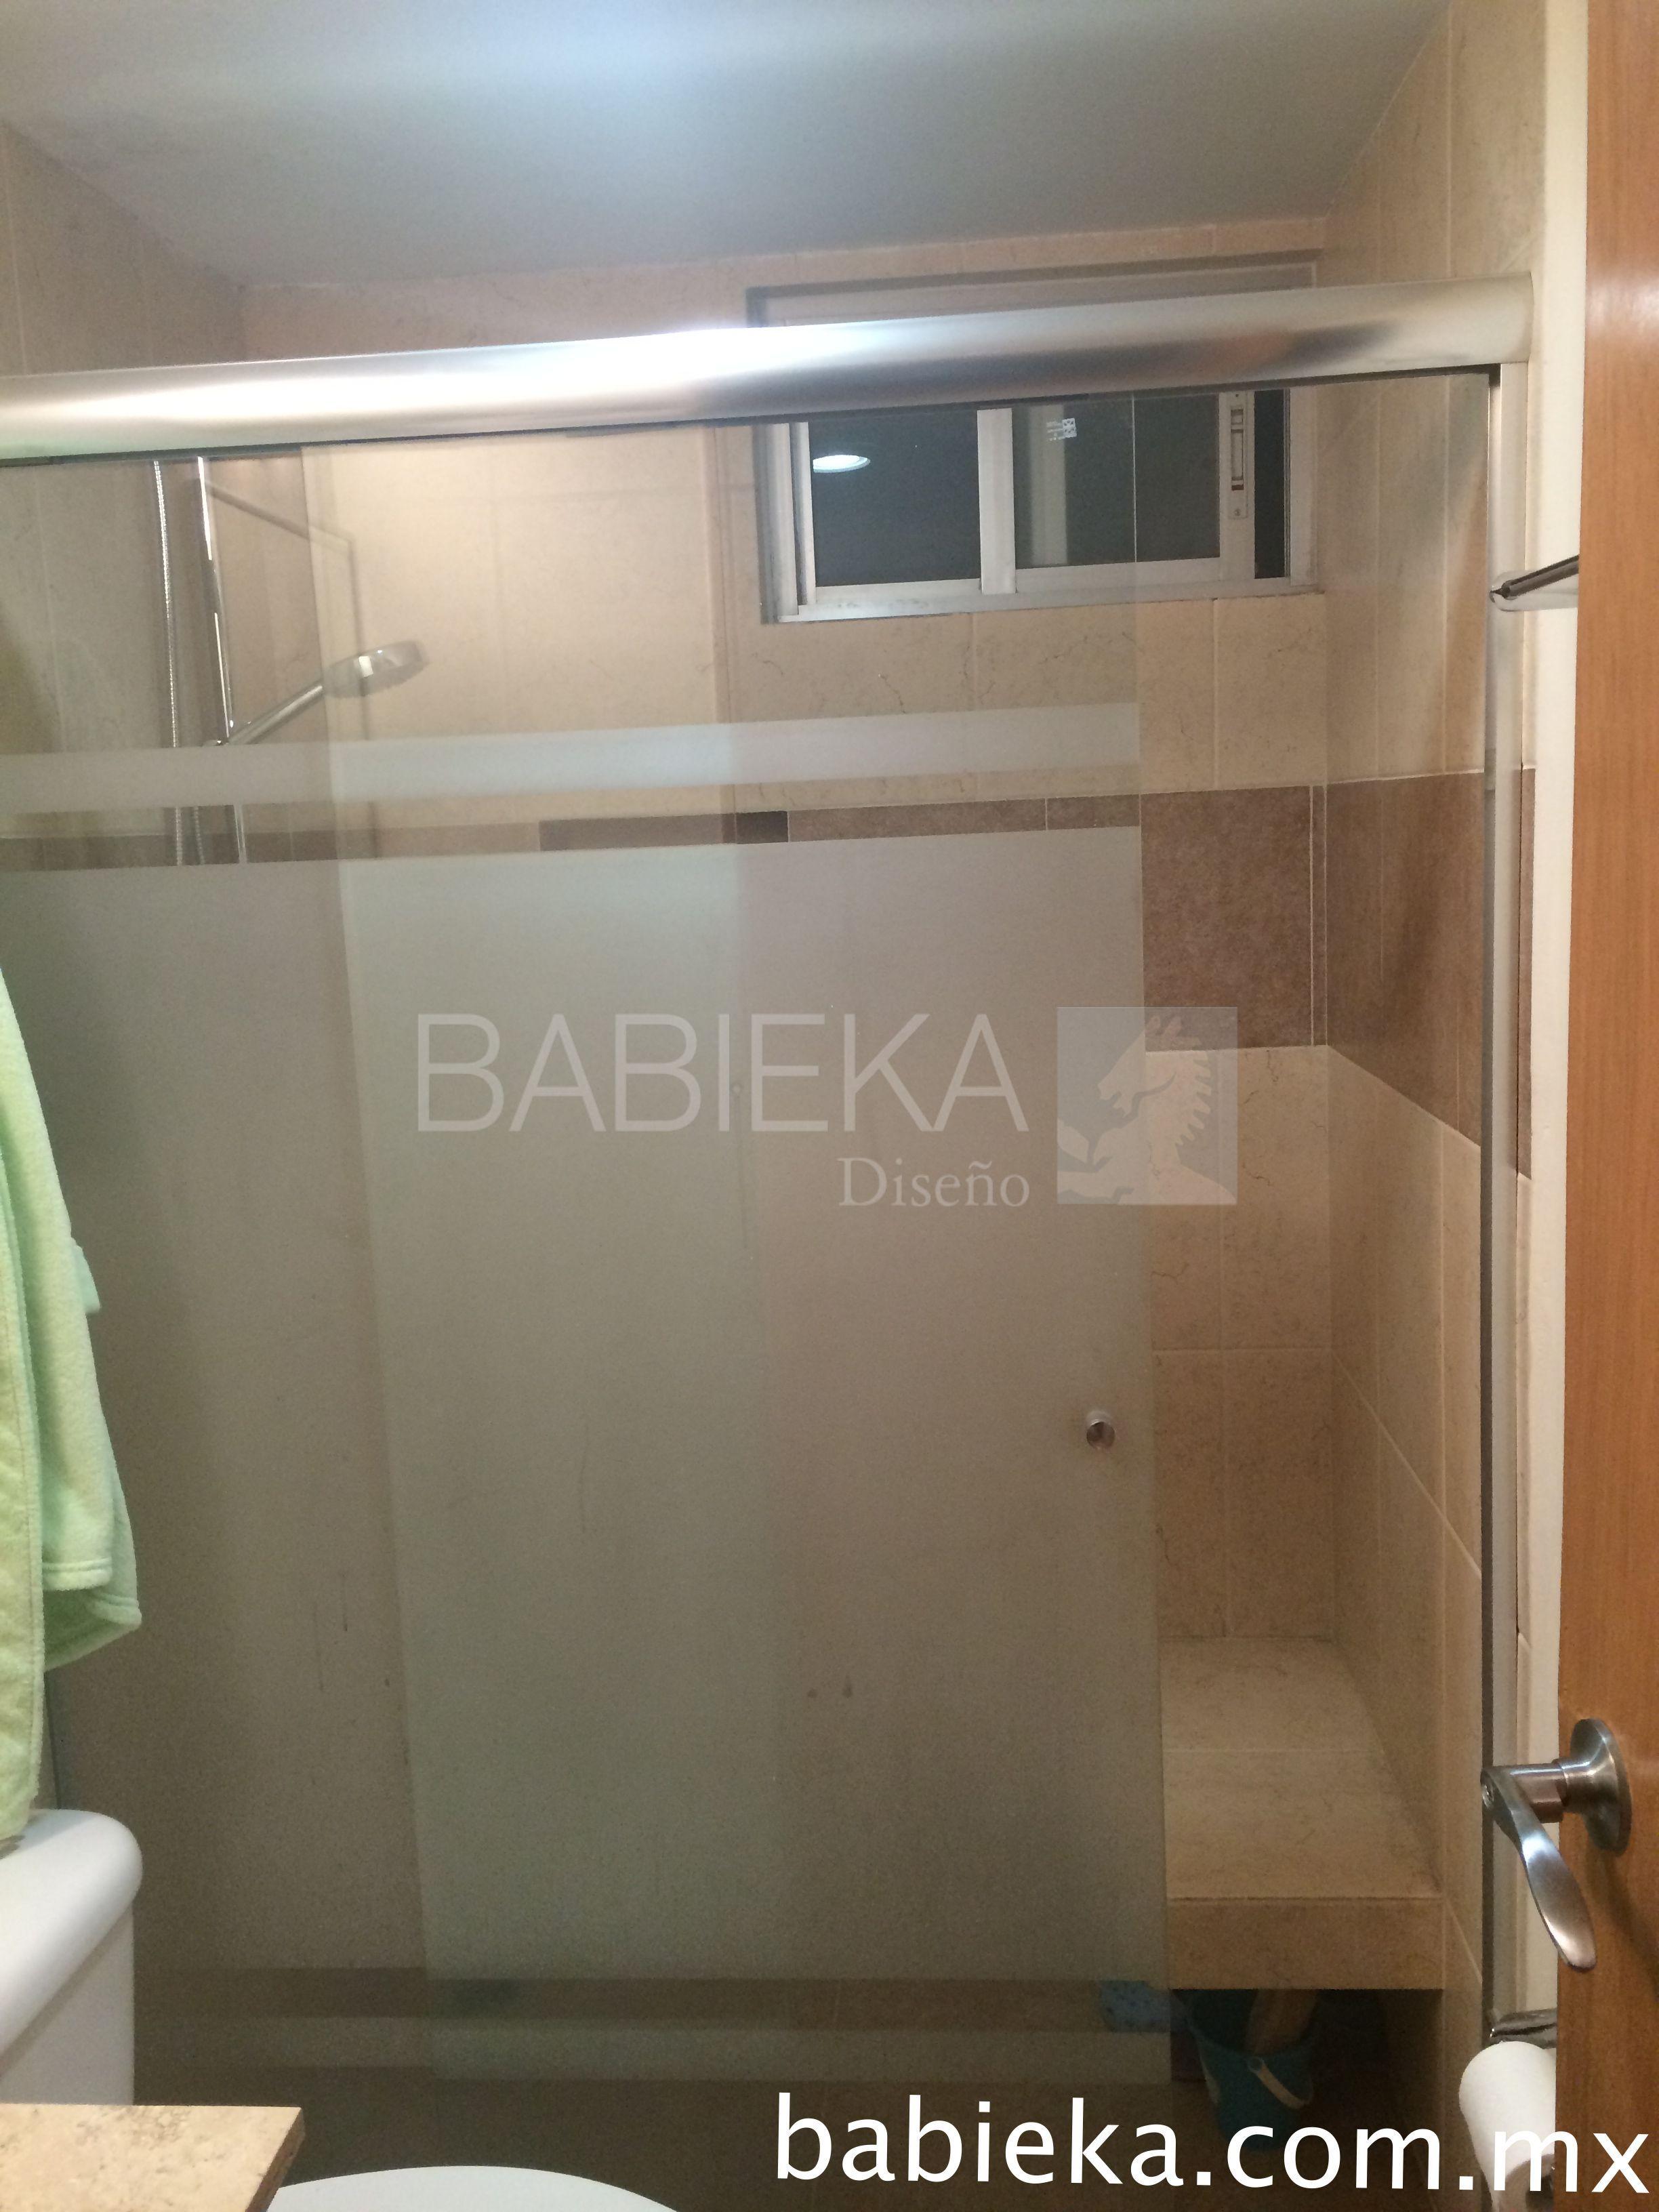 Cancel de baño corredizo con diseño esmerilado. www.babieka.com.mx ...